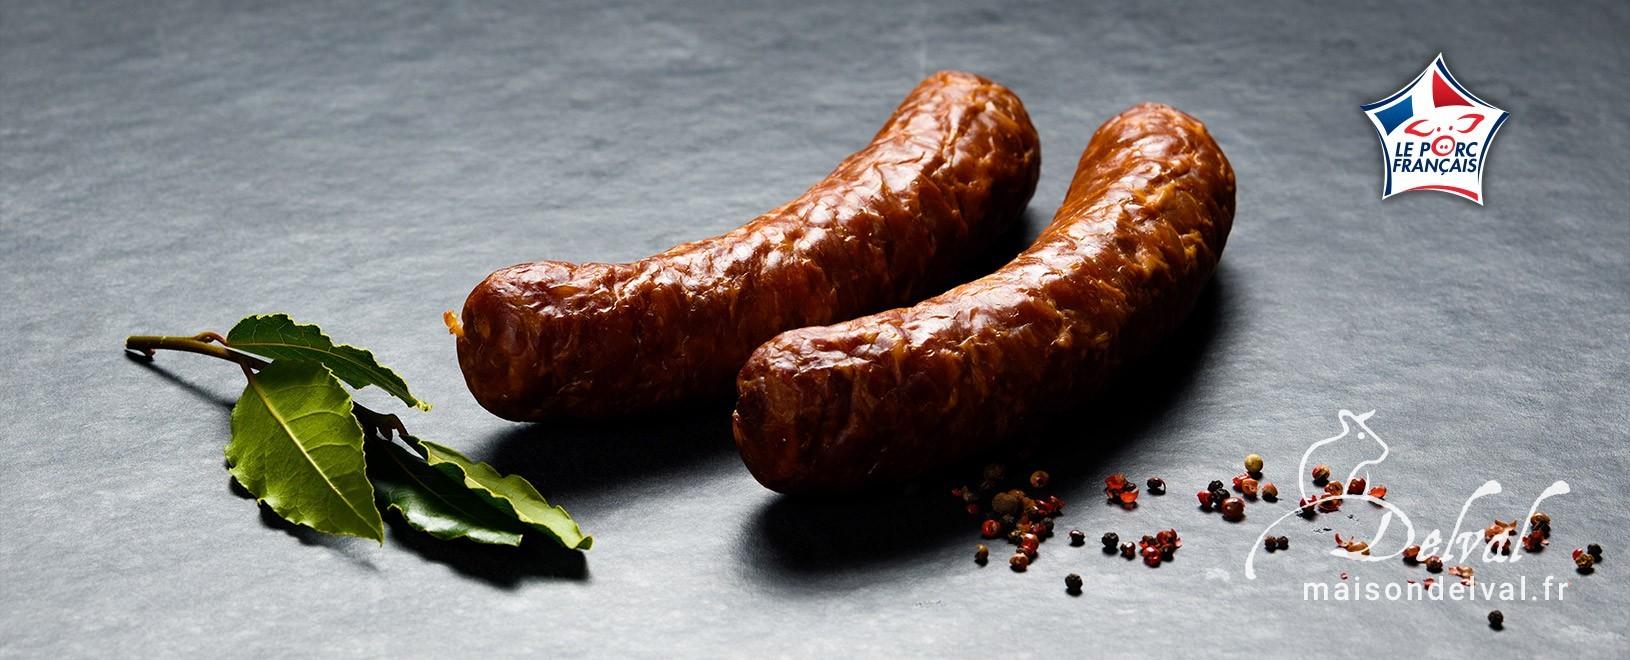 Saucisses de qualité - Vente en ligne - Charcuterie Maison Delval